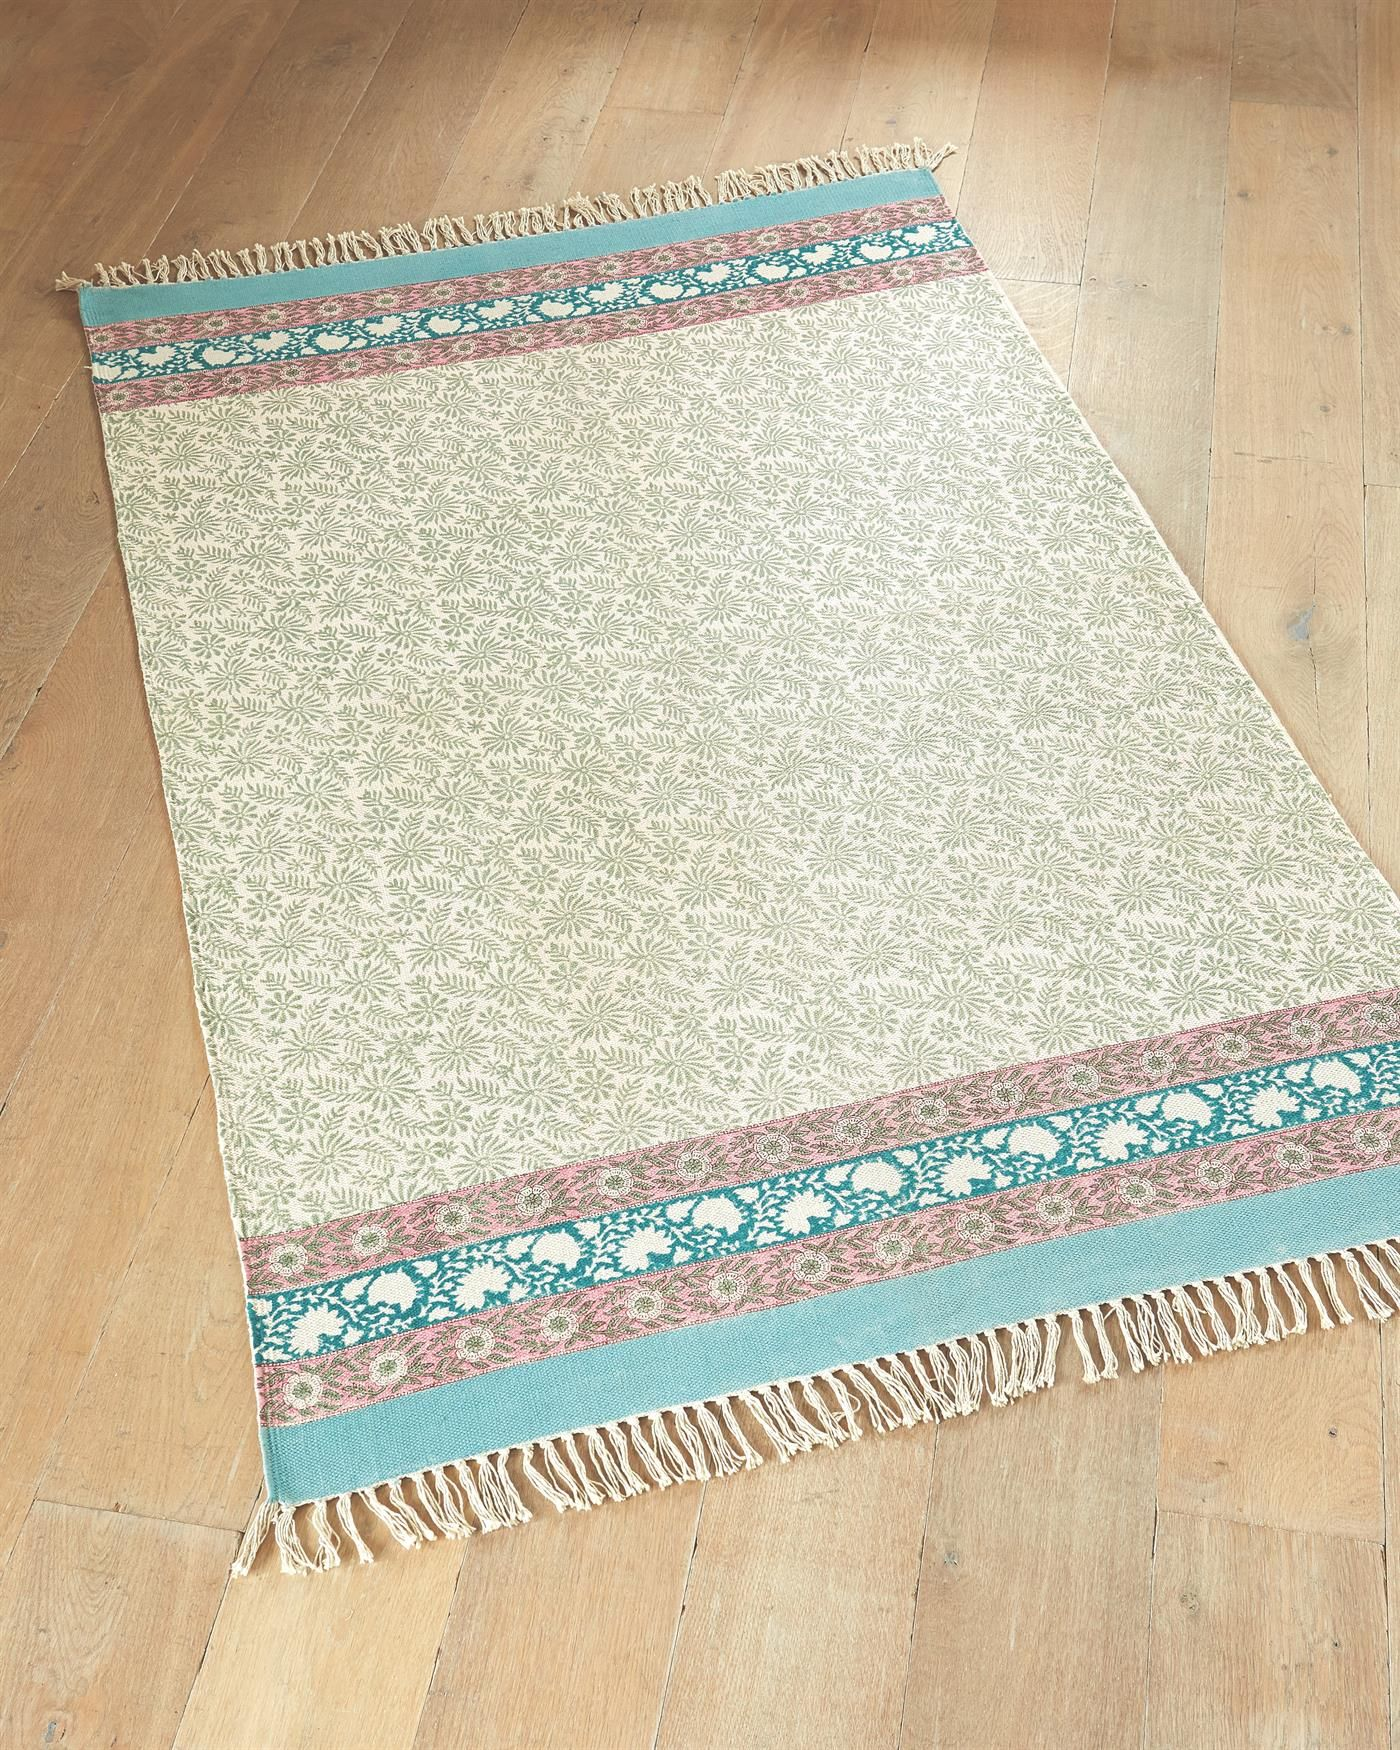 Vossberg De teppich jaipur für sie auf vossberg de wohnzimmer